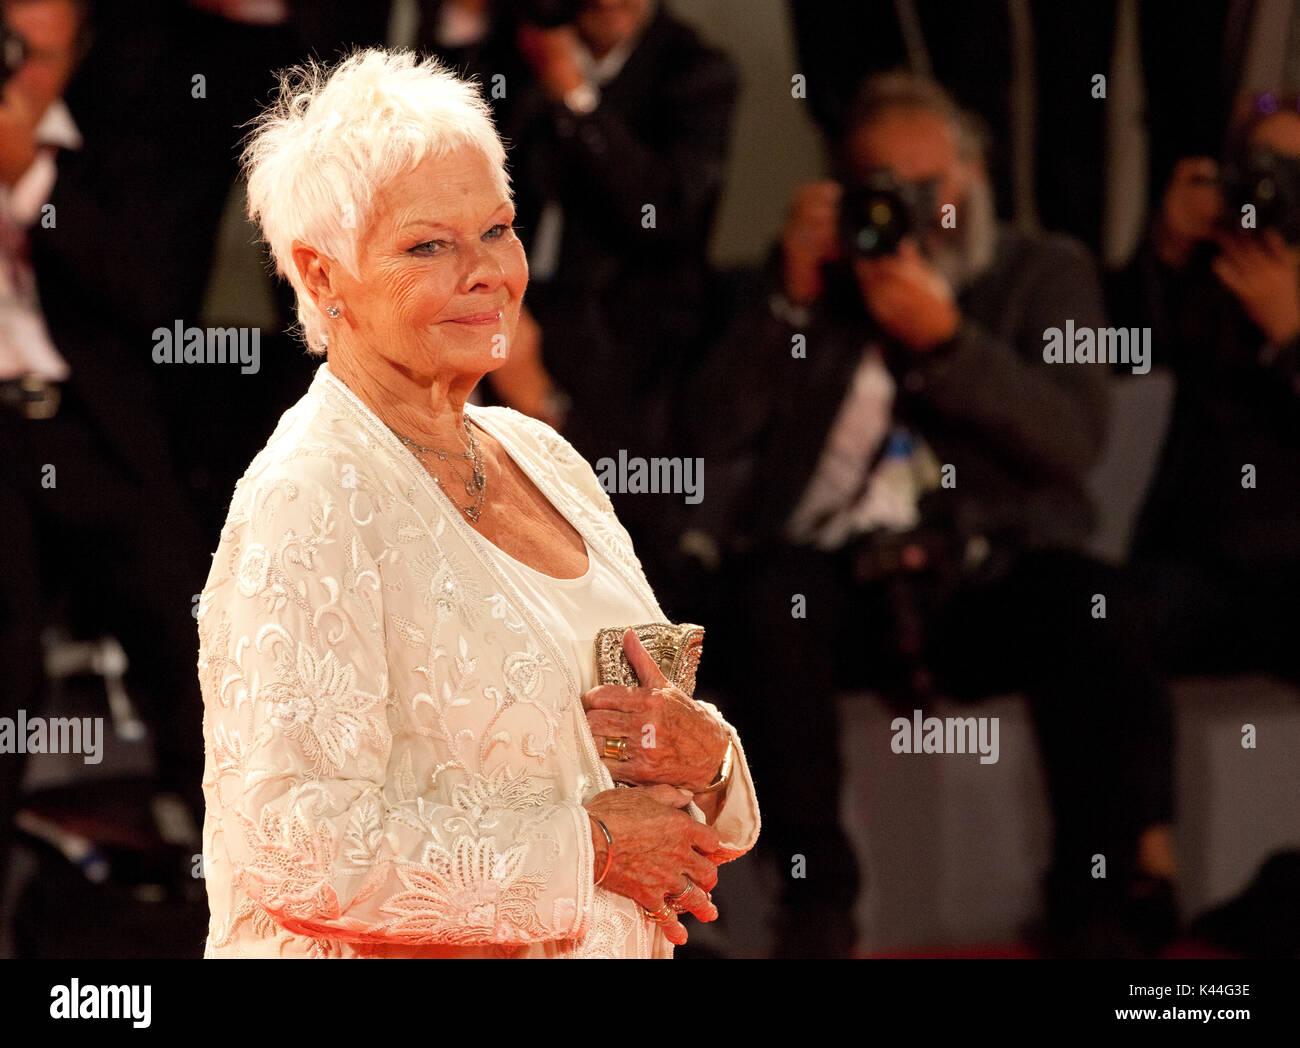 Judi Dench à la première du film Victoria & Abdul à la 74e Festival du Film de Venise, la Sala Photo Stock